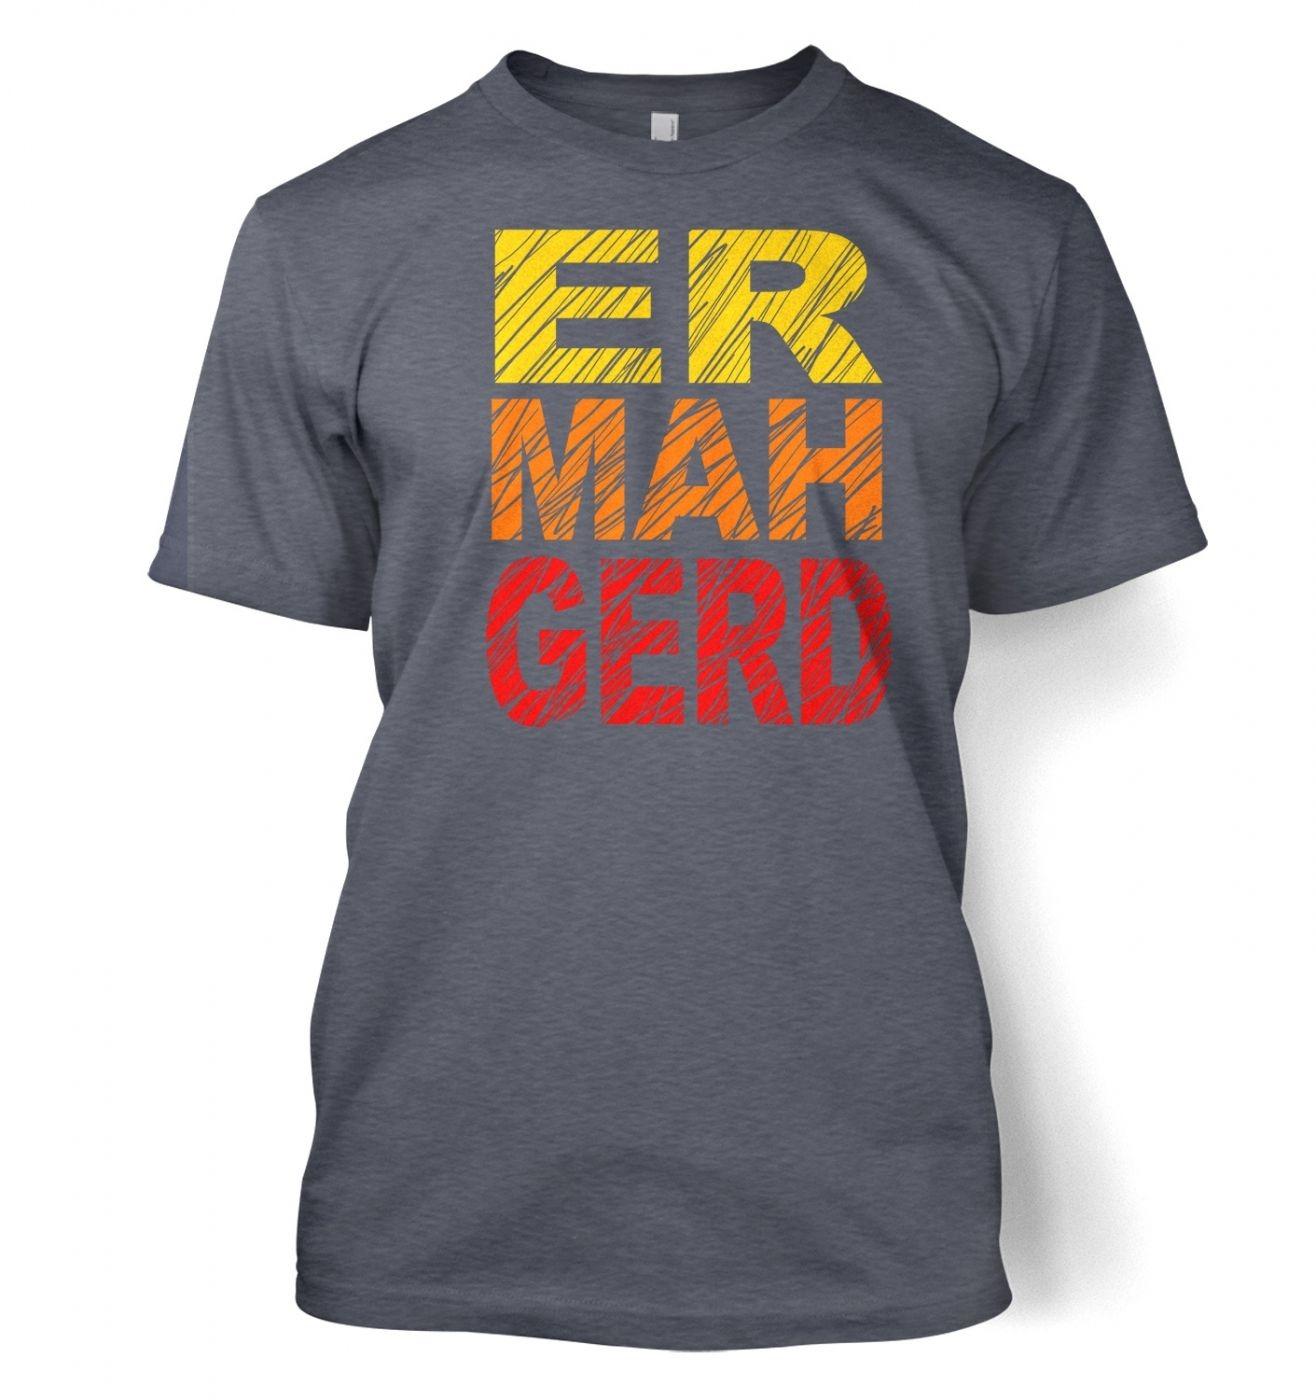 ERMAHGERD (Colour) t-shirt